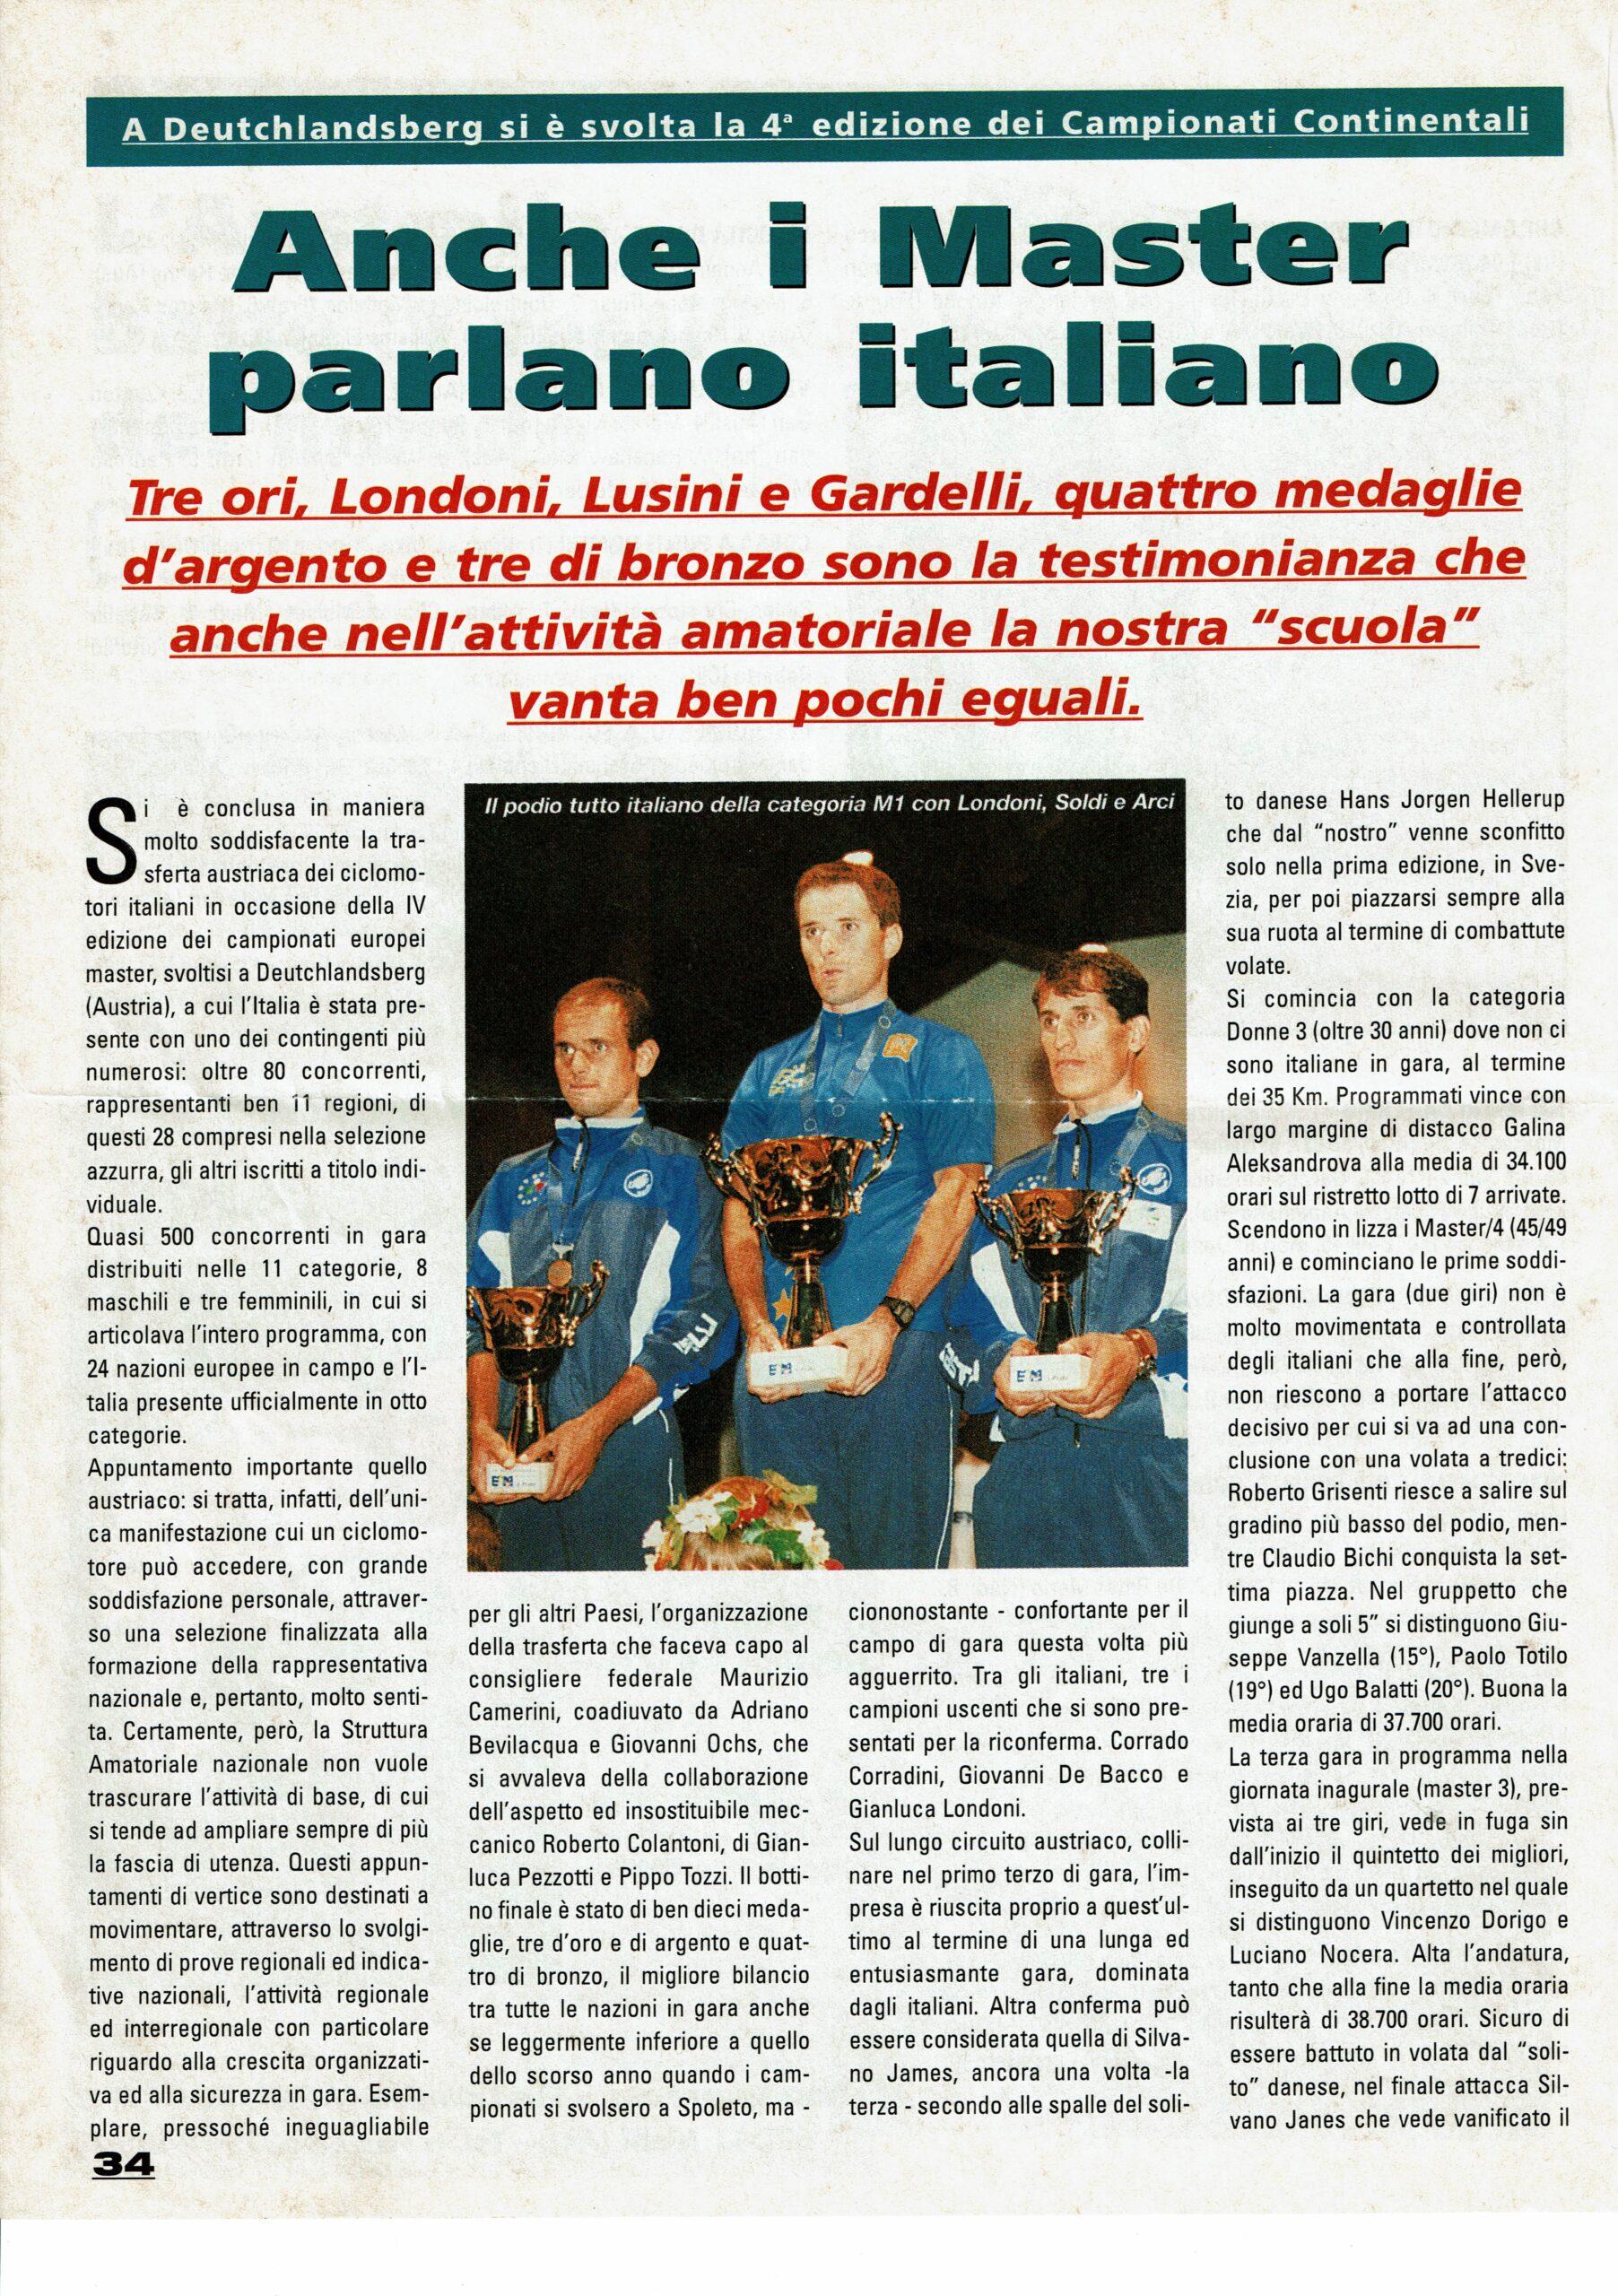 25_1 Europei Agosto 1999